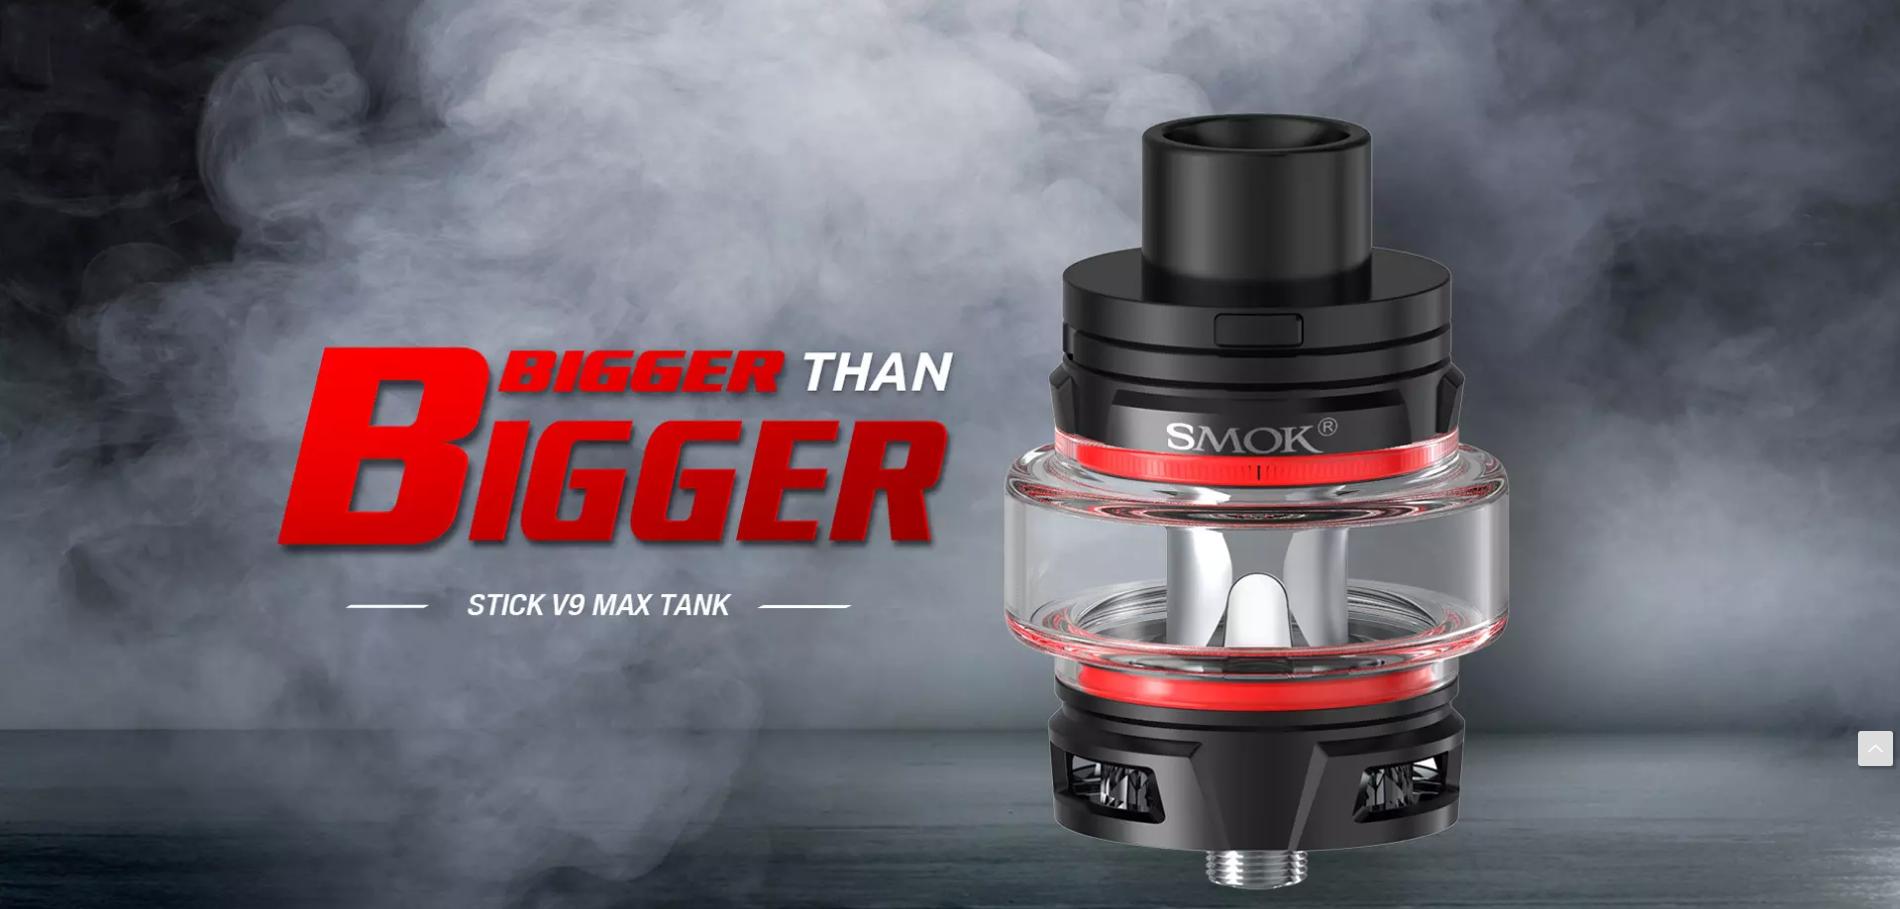 smok bigger tank